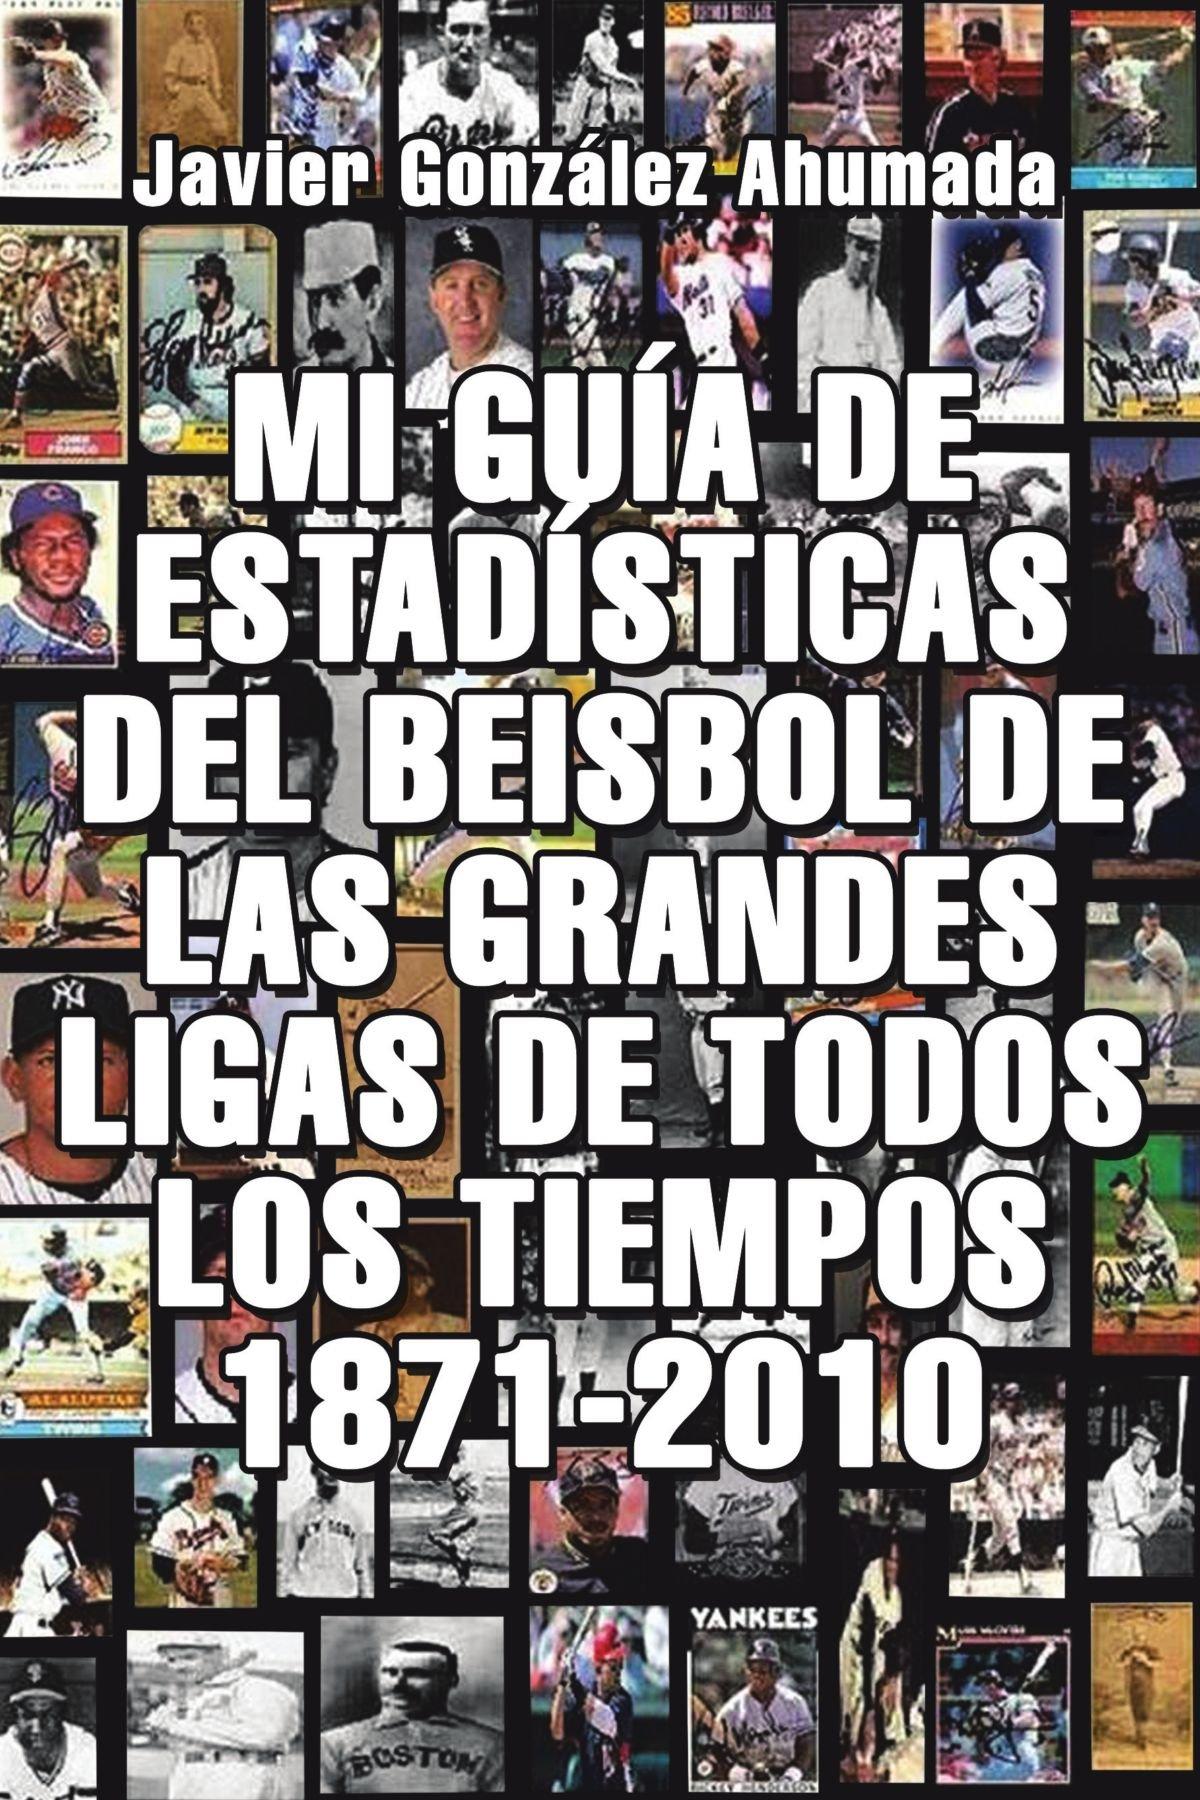 Mi Guía De Estadísticas Del Beisbol De Las Grandes Ligas De Todos Los Tiempos 1871-2010 (Spanish Edition) ebook